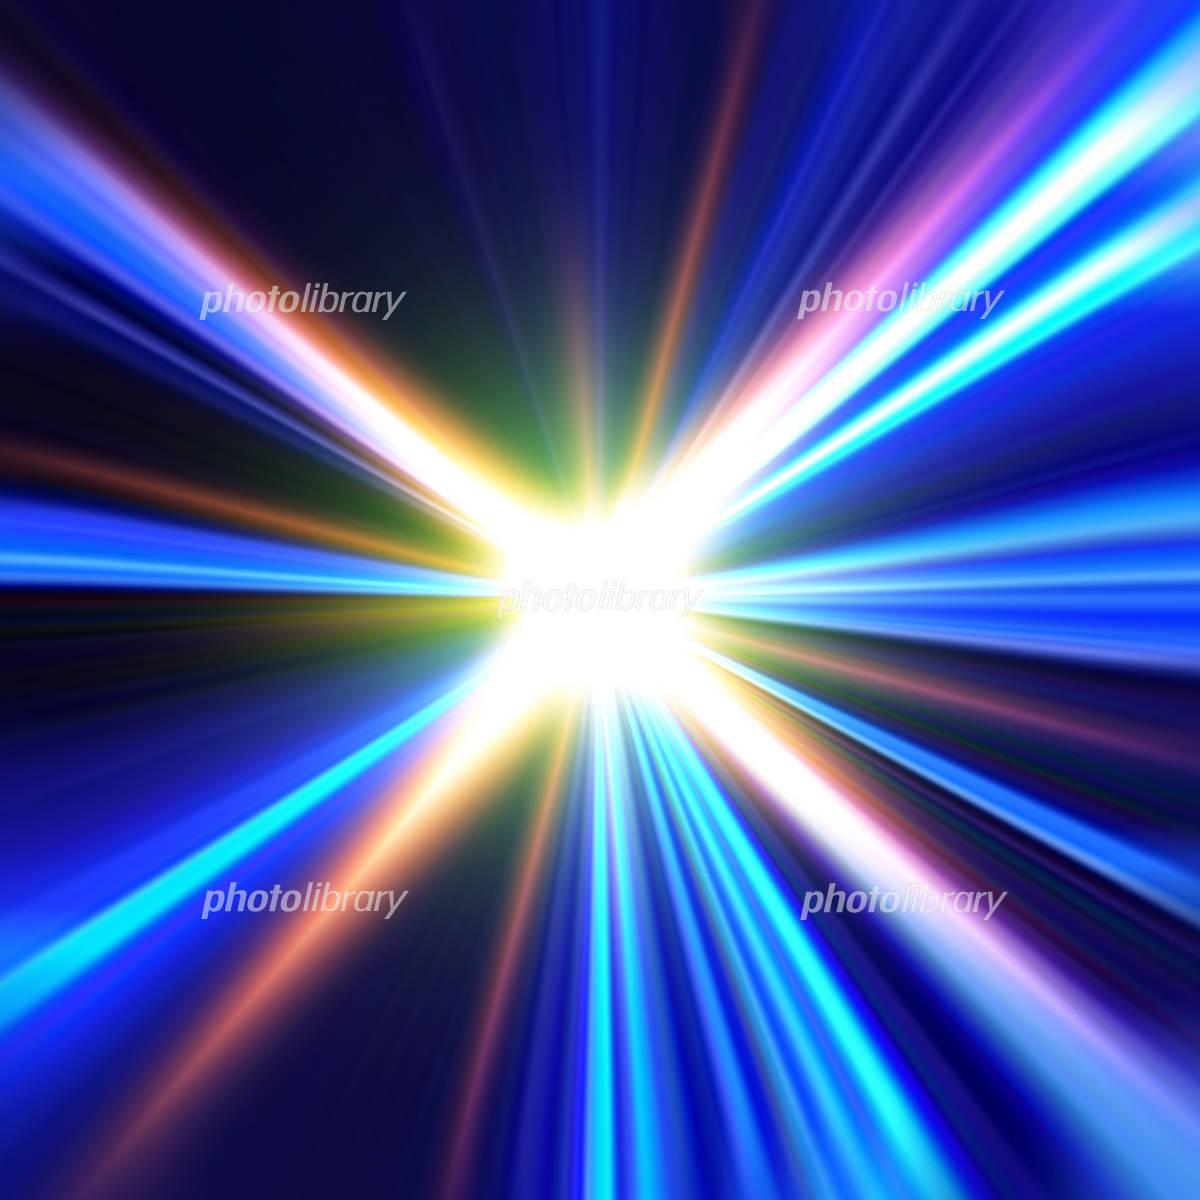 虹色の光のイラスト